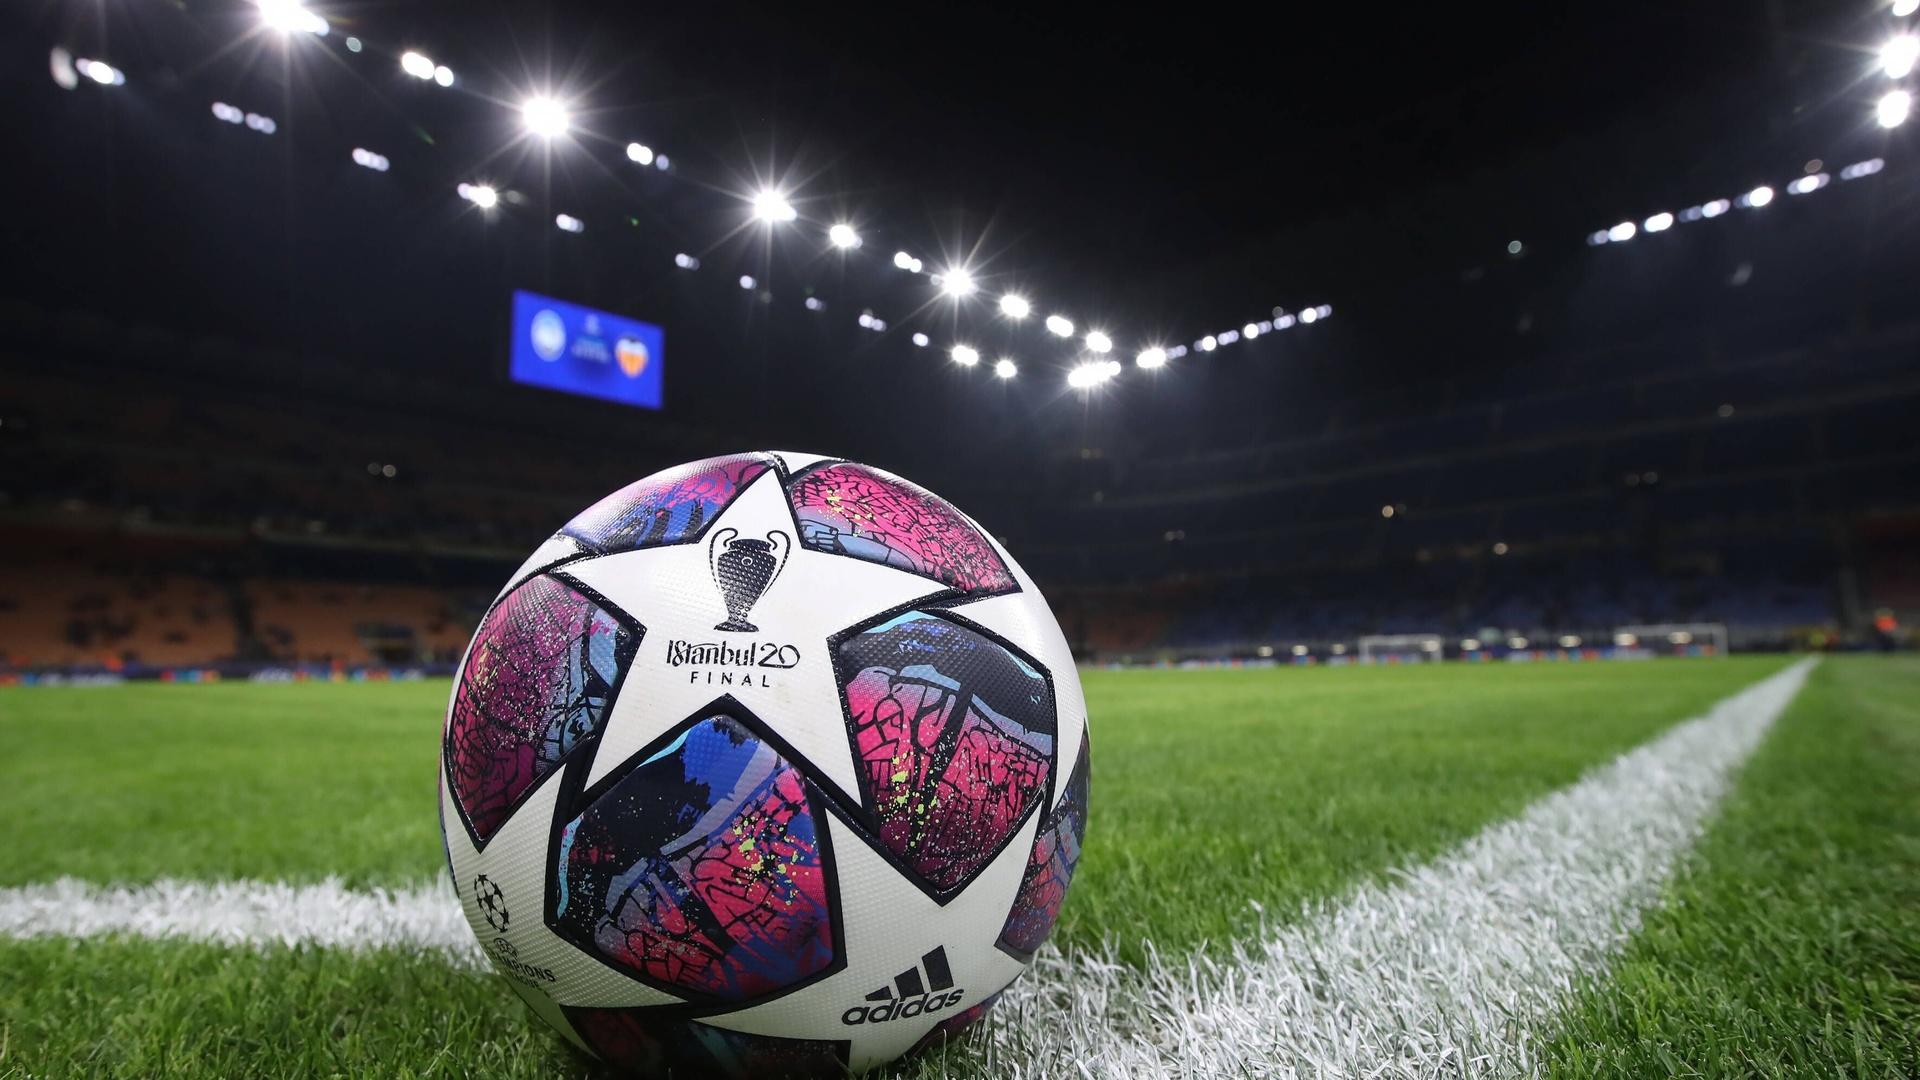 تعرف على ترتيب مجموعات دوري أبطال أوروبا بعد نهاية الجولة الأولى